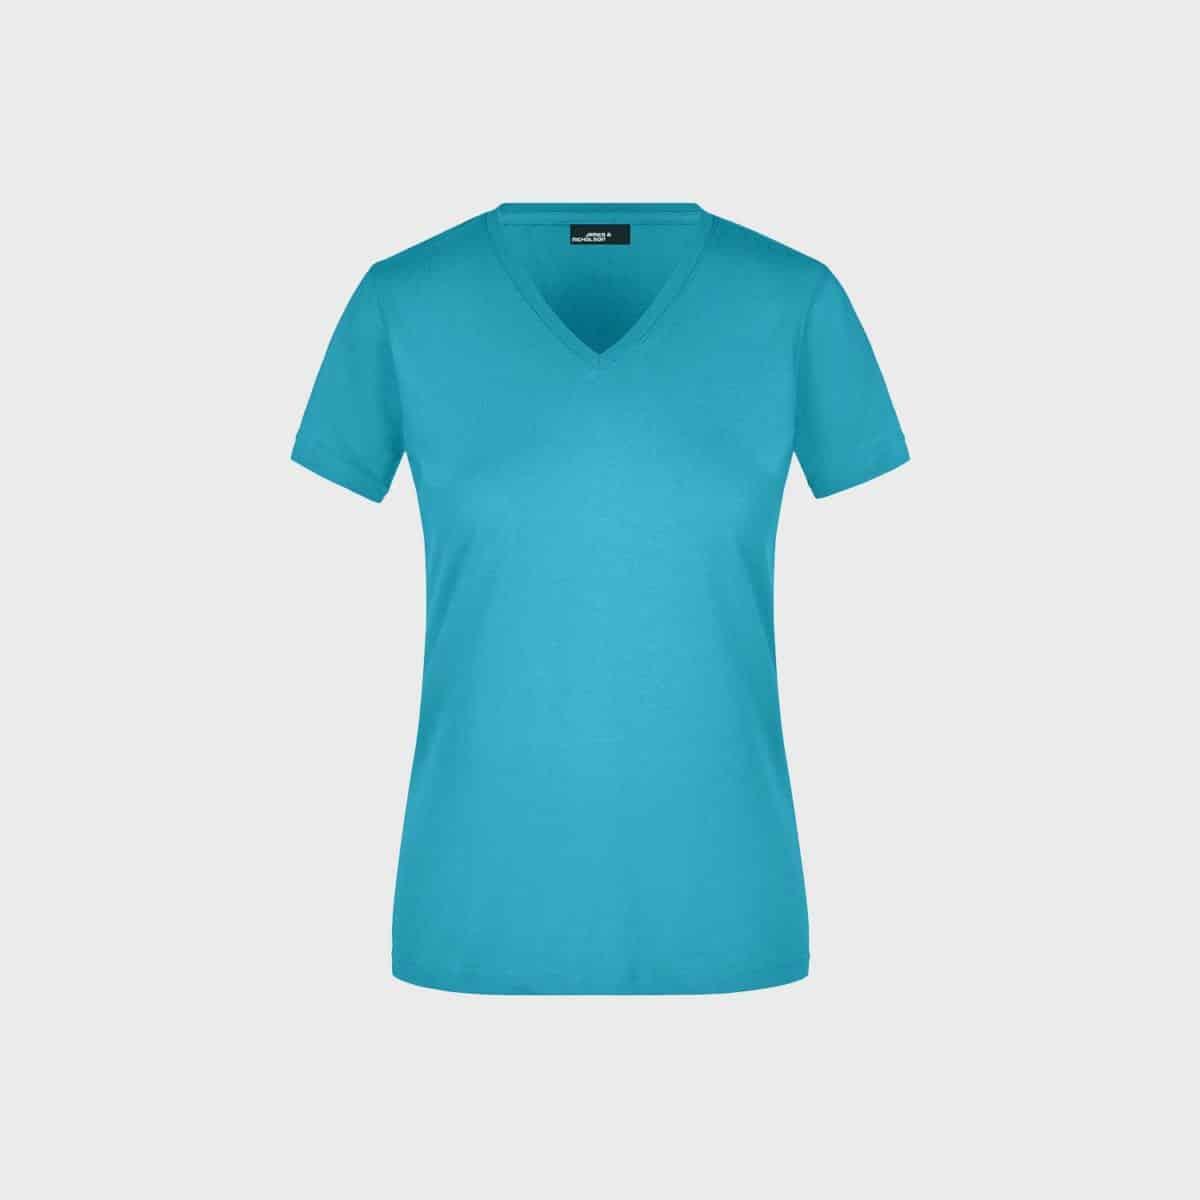 slim-fit-v-neck-t-shirt-damen-kaufen-besticken_stickmanufaktur